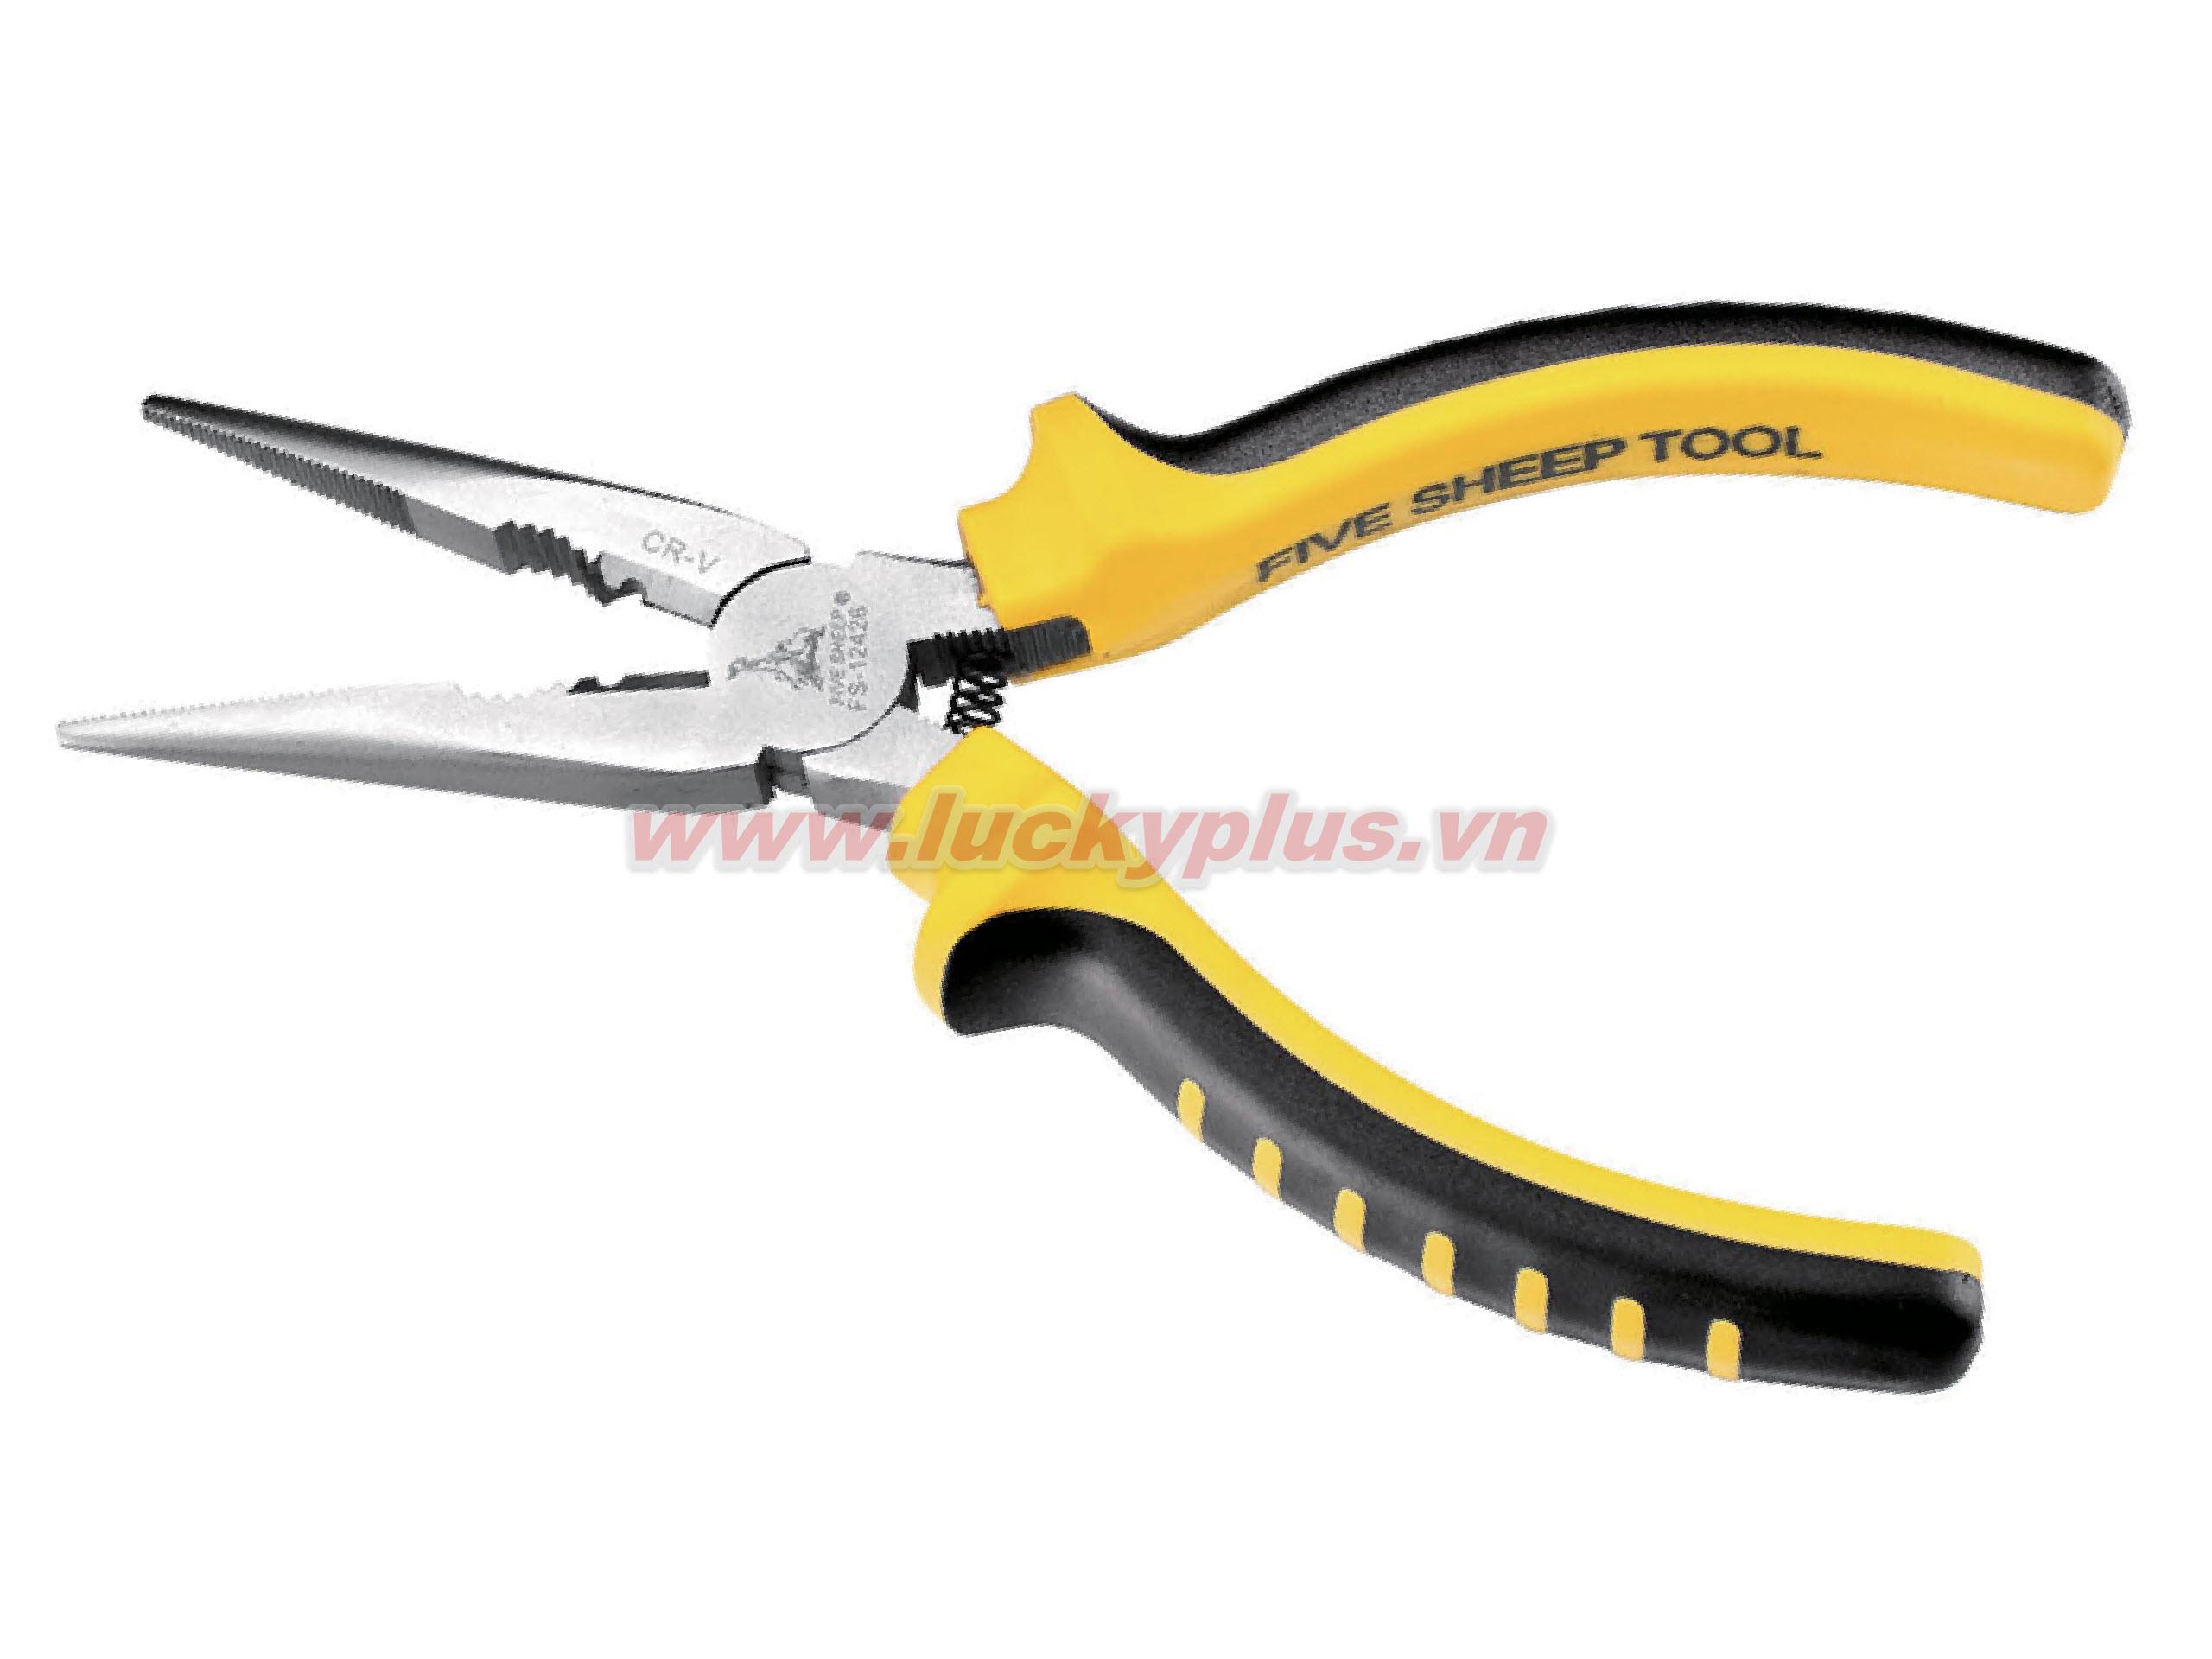 Kìm mũi nhọn FiveSheep FS-12726 6''/160mm, FS-12728 8''/200mm